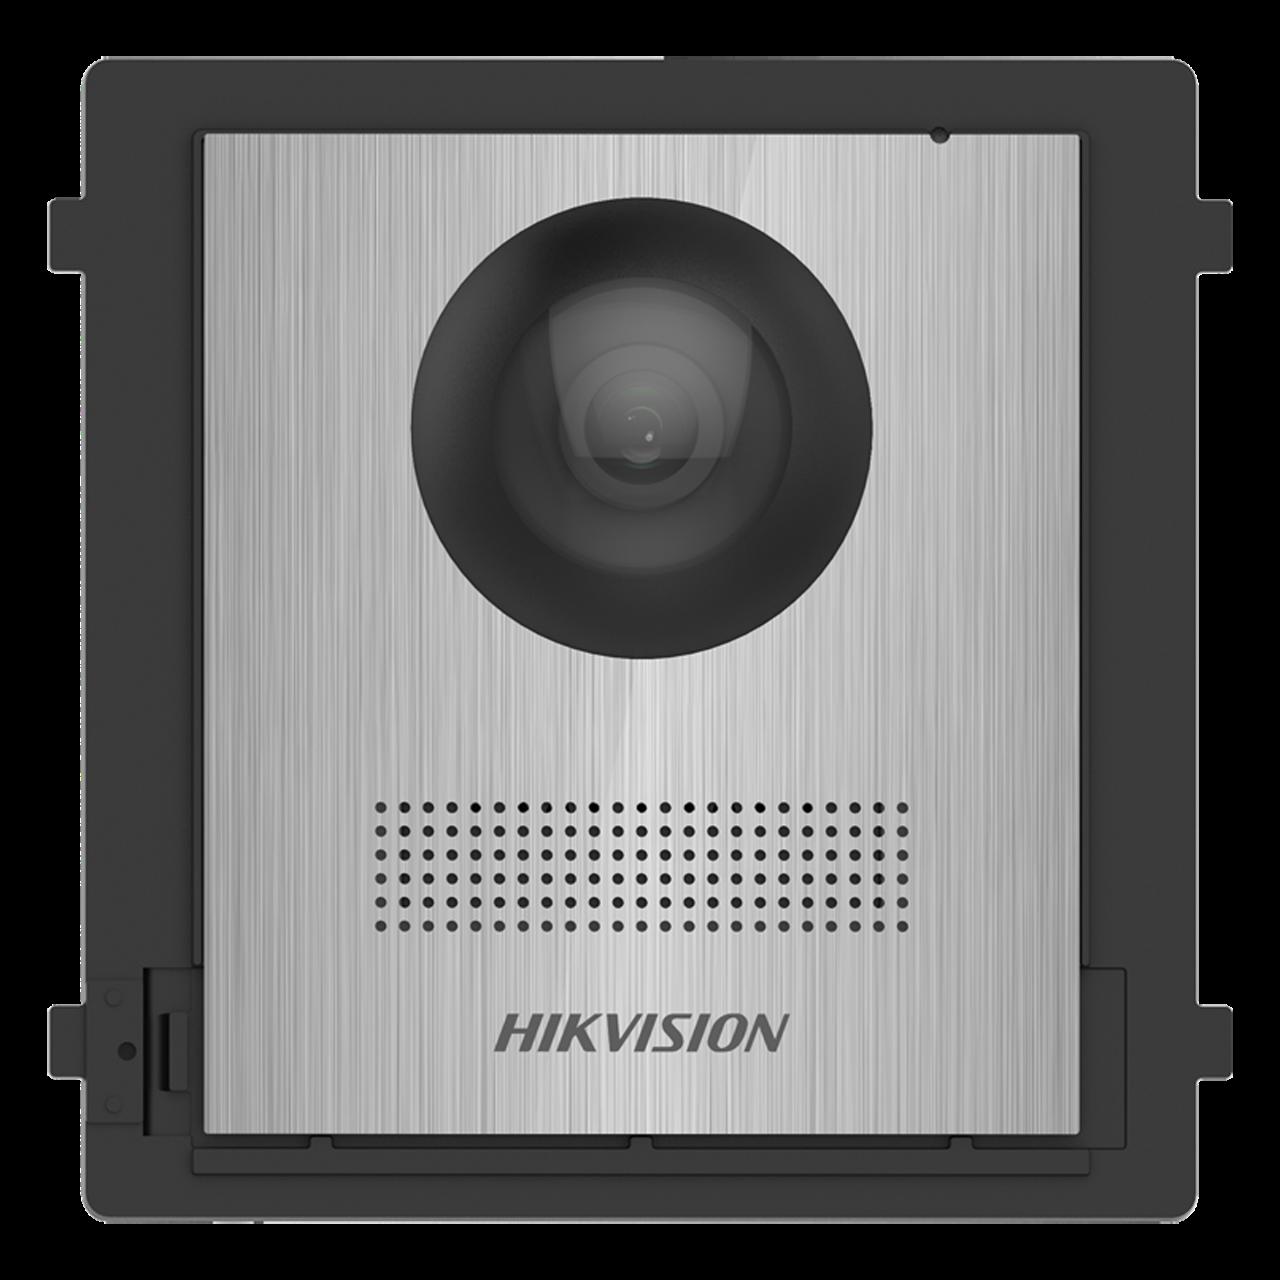 Hikvision Türsprechanlage 2MP Fish-Eye 180° Kamera Modul ohne Klingeltaster, Nachtsicht für die Auss